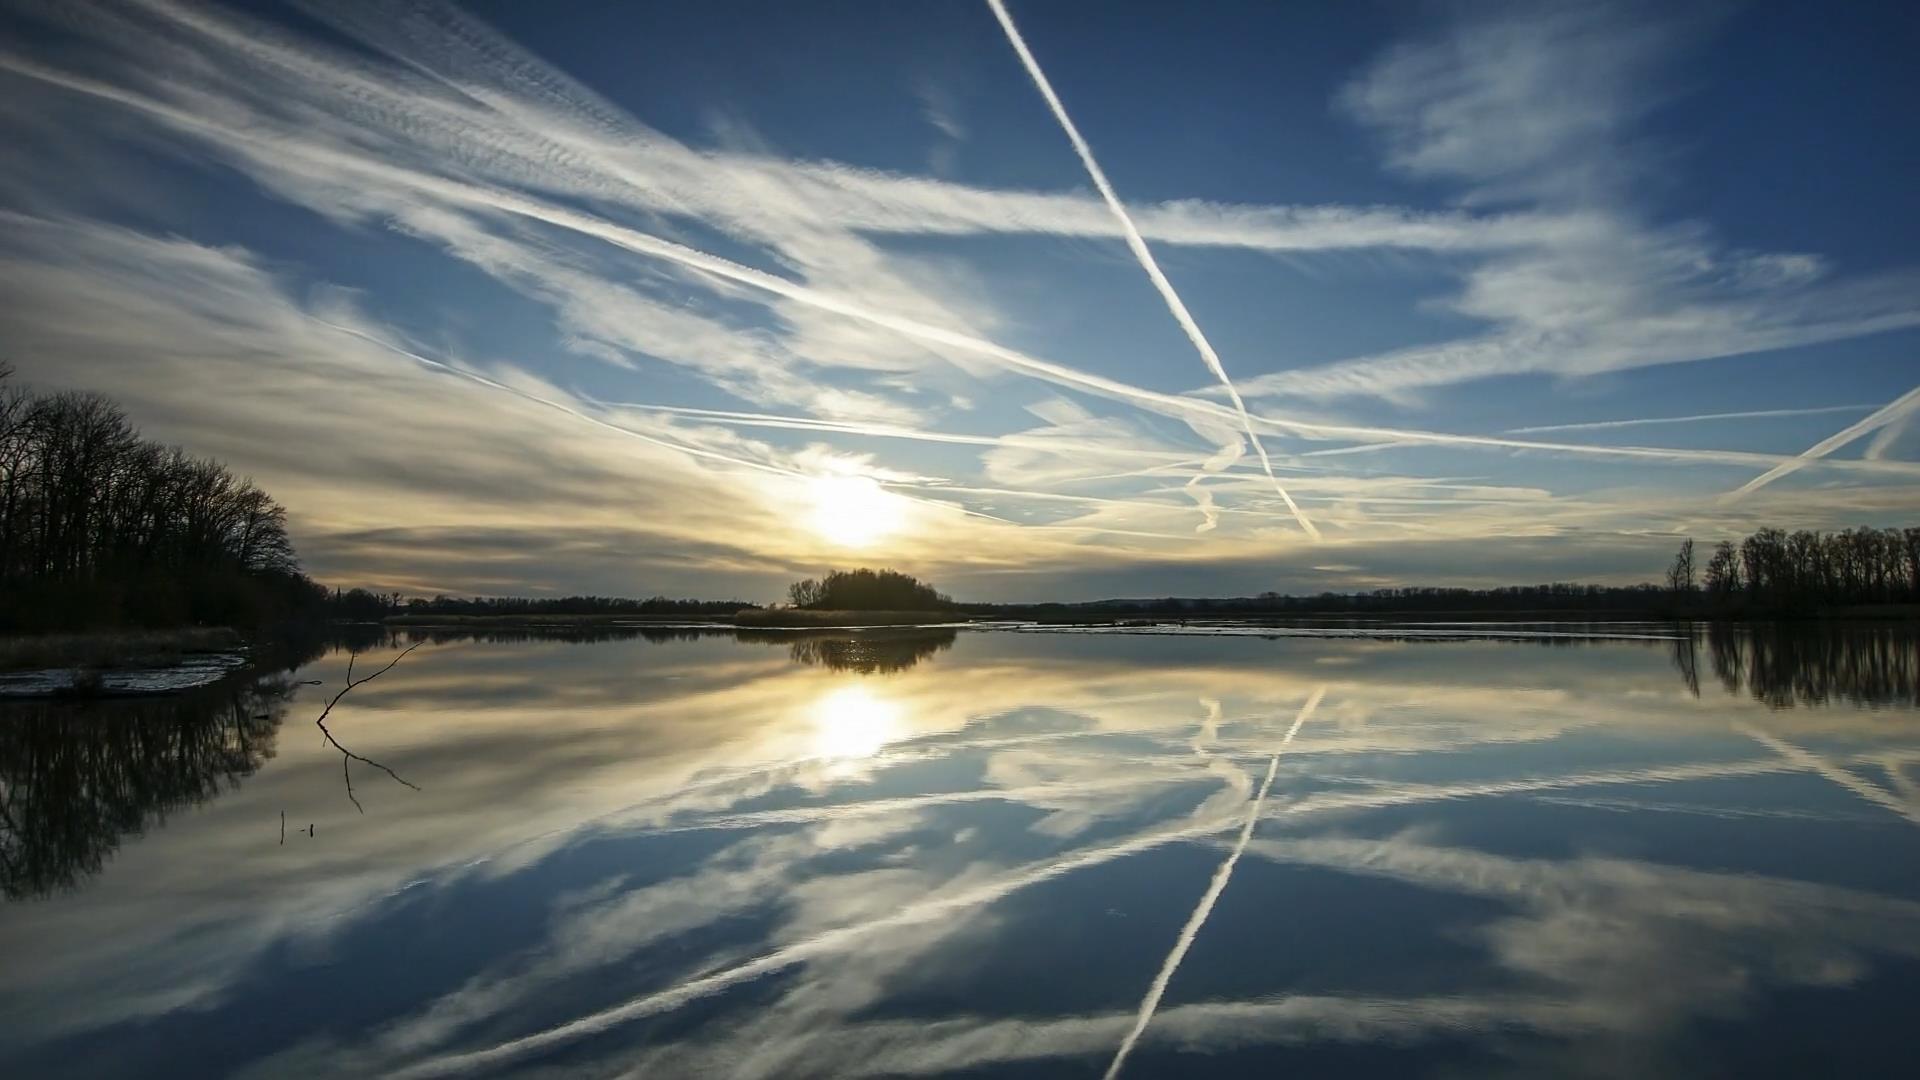 延时摄影湖面风景